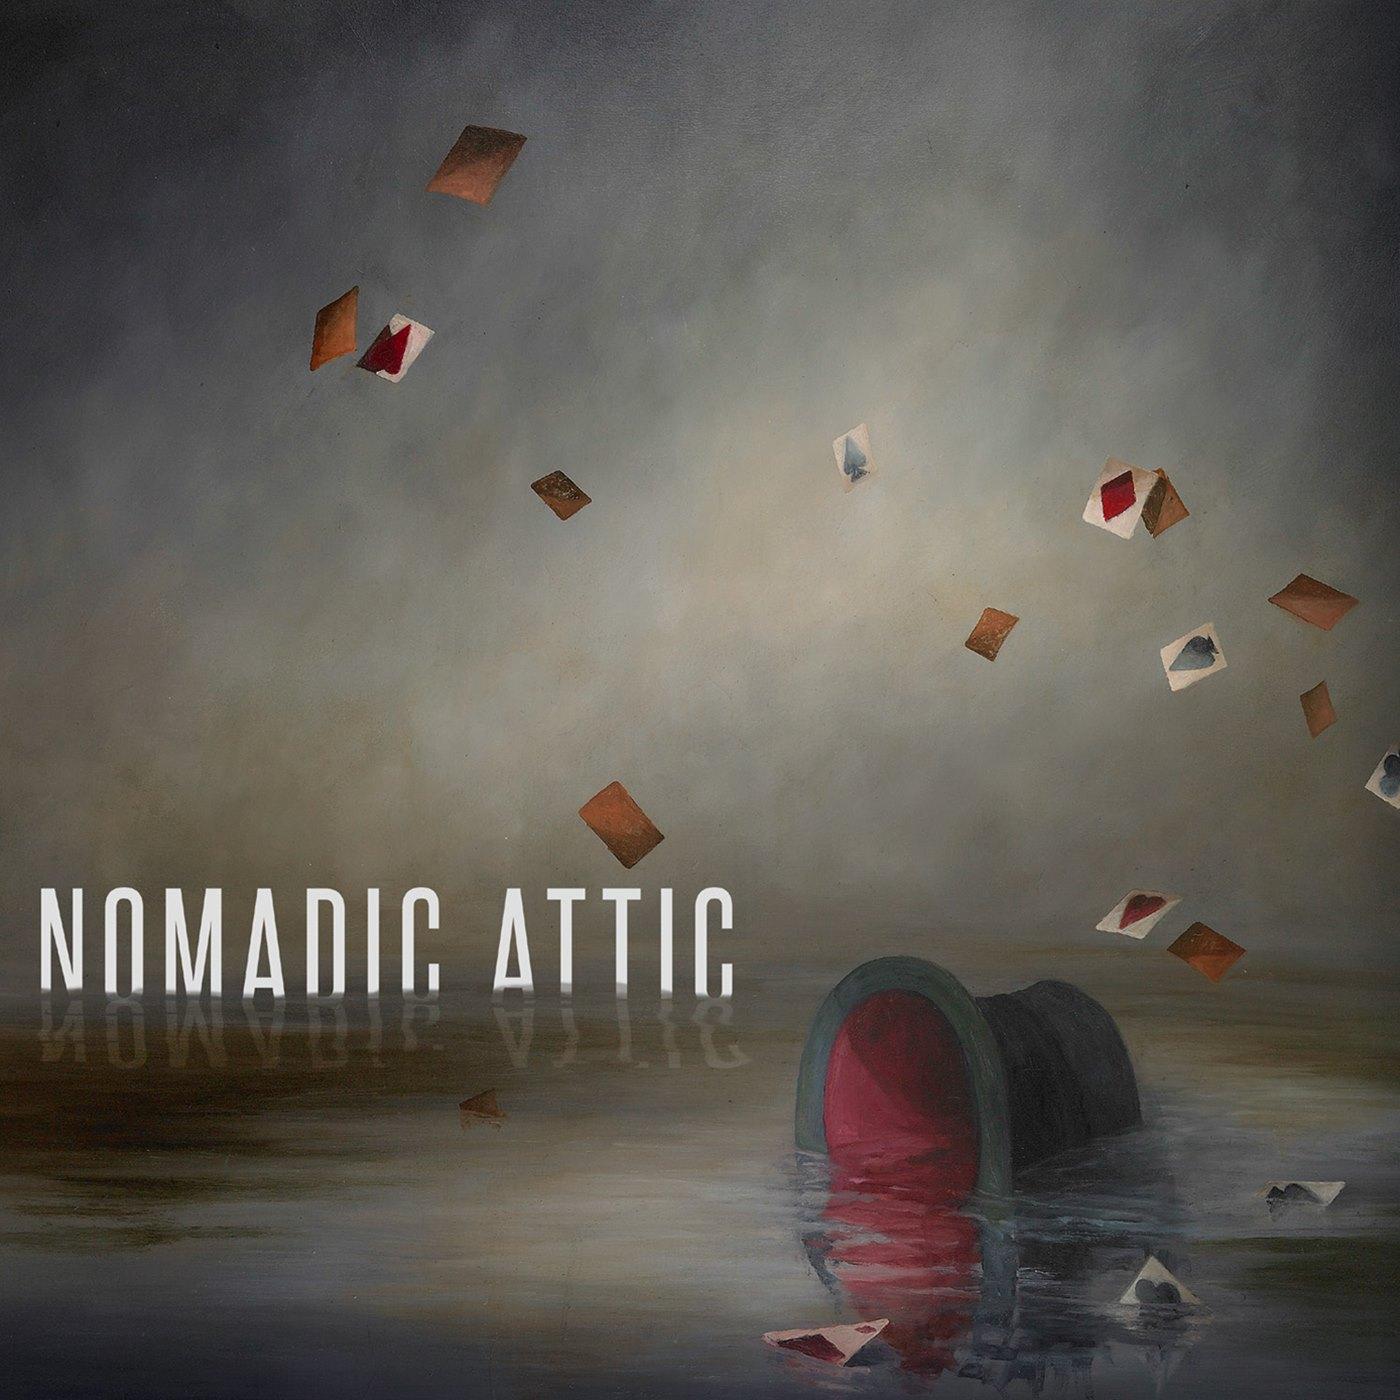 Nomadic Attic - Nomadic Attic EP